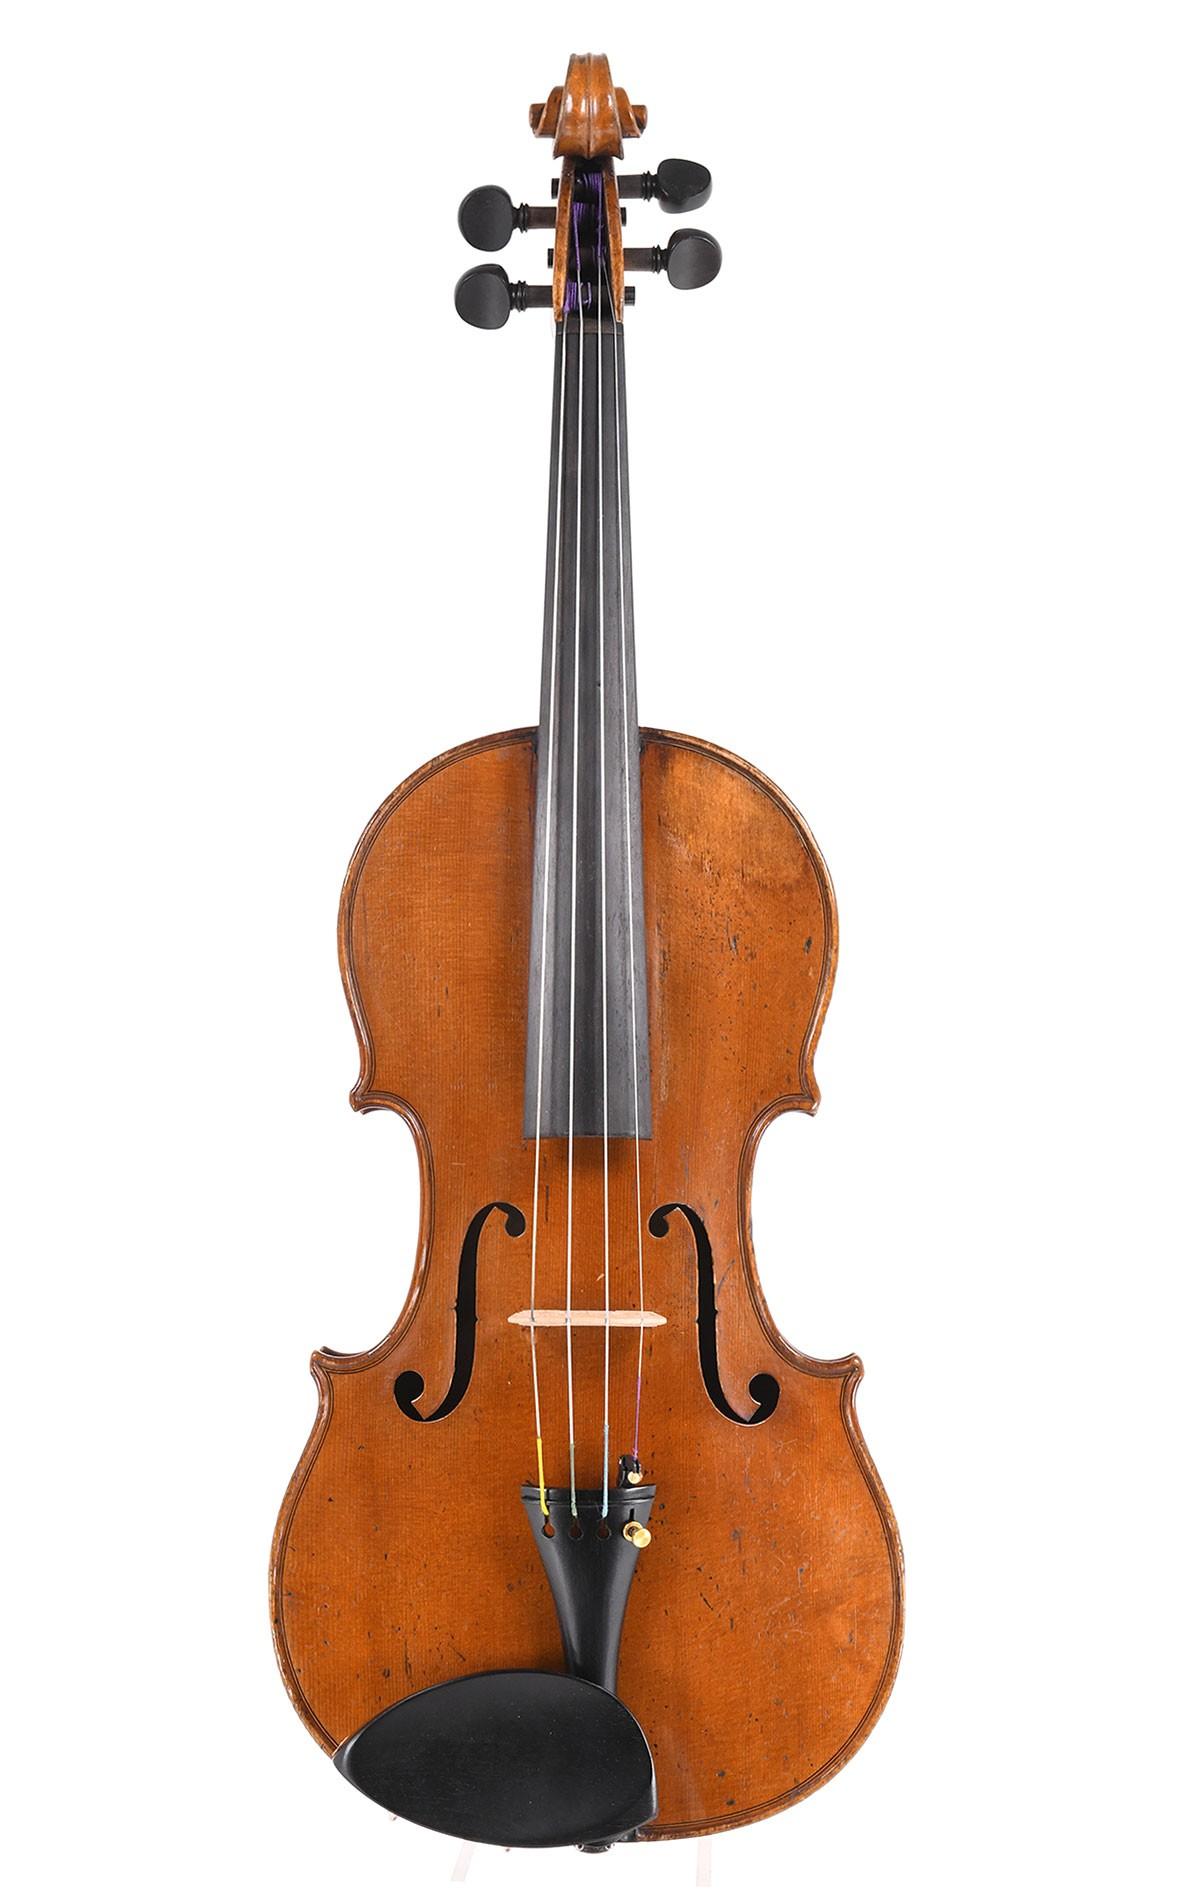 Violon de Jean-Joseph Honoré Derazey